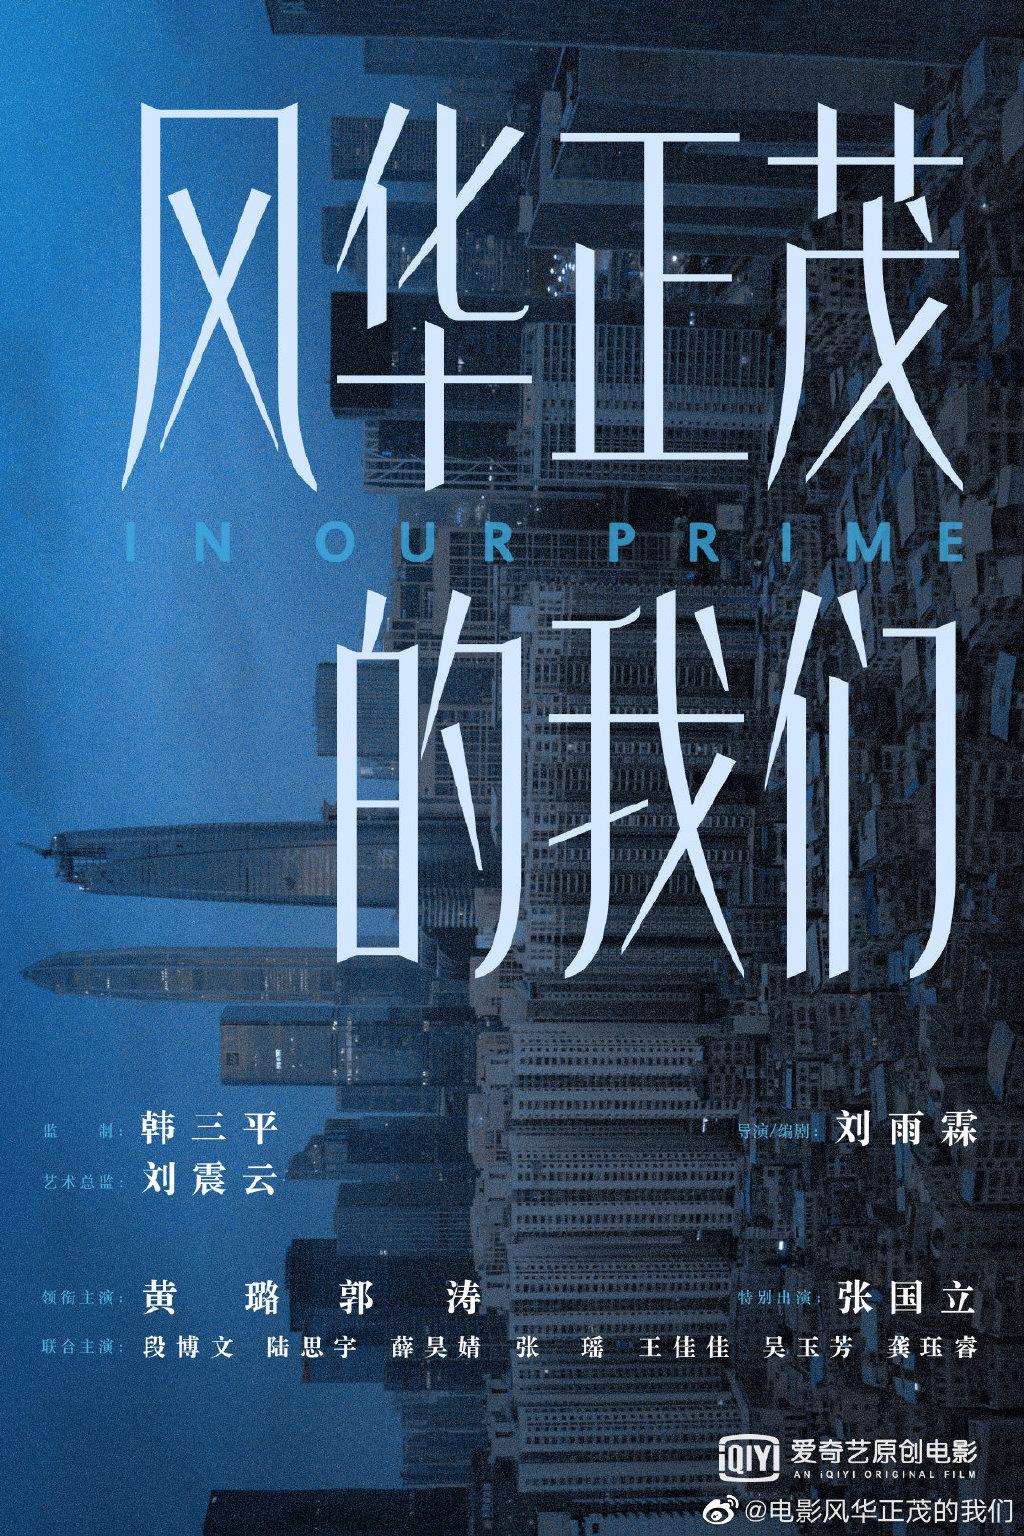 韩三平监制电影《风华正茂的我们》开机,黄璐、郭涛领衔主演图片